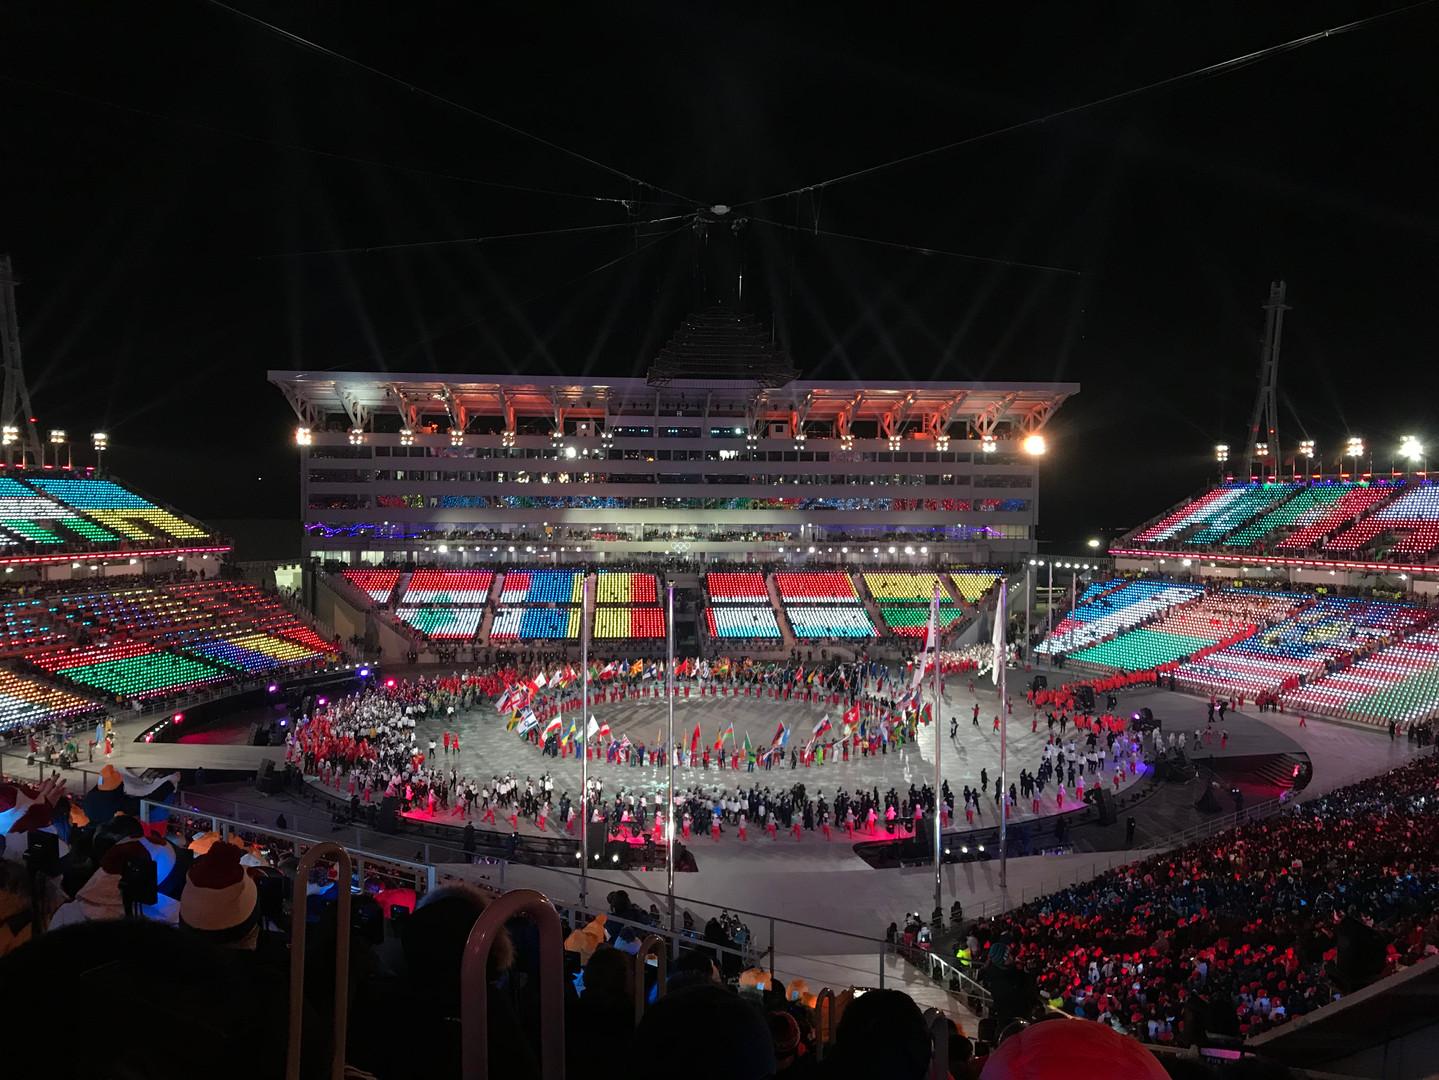 2018_pyoungchang_08.jpeg